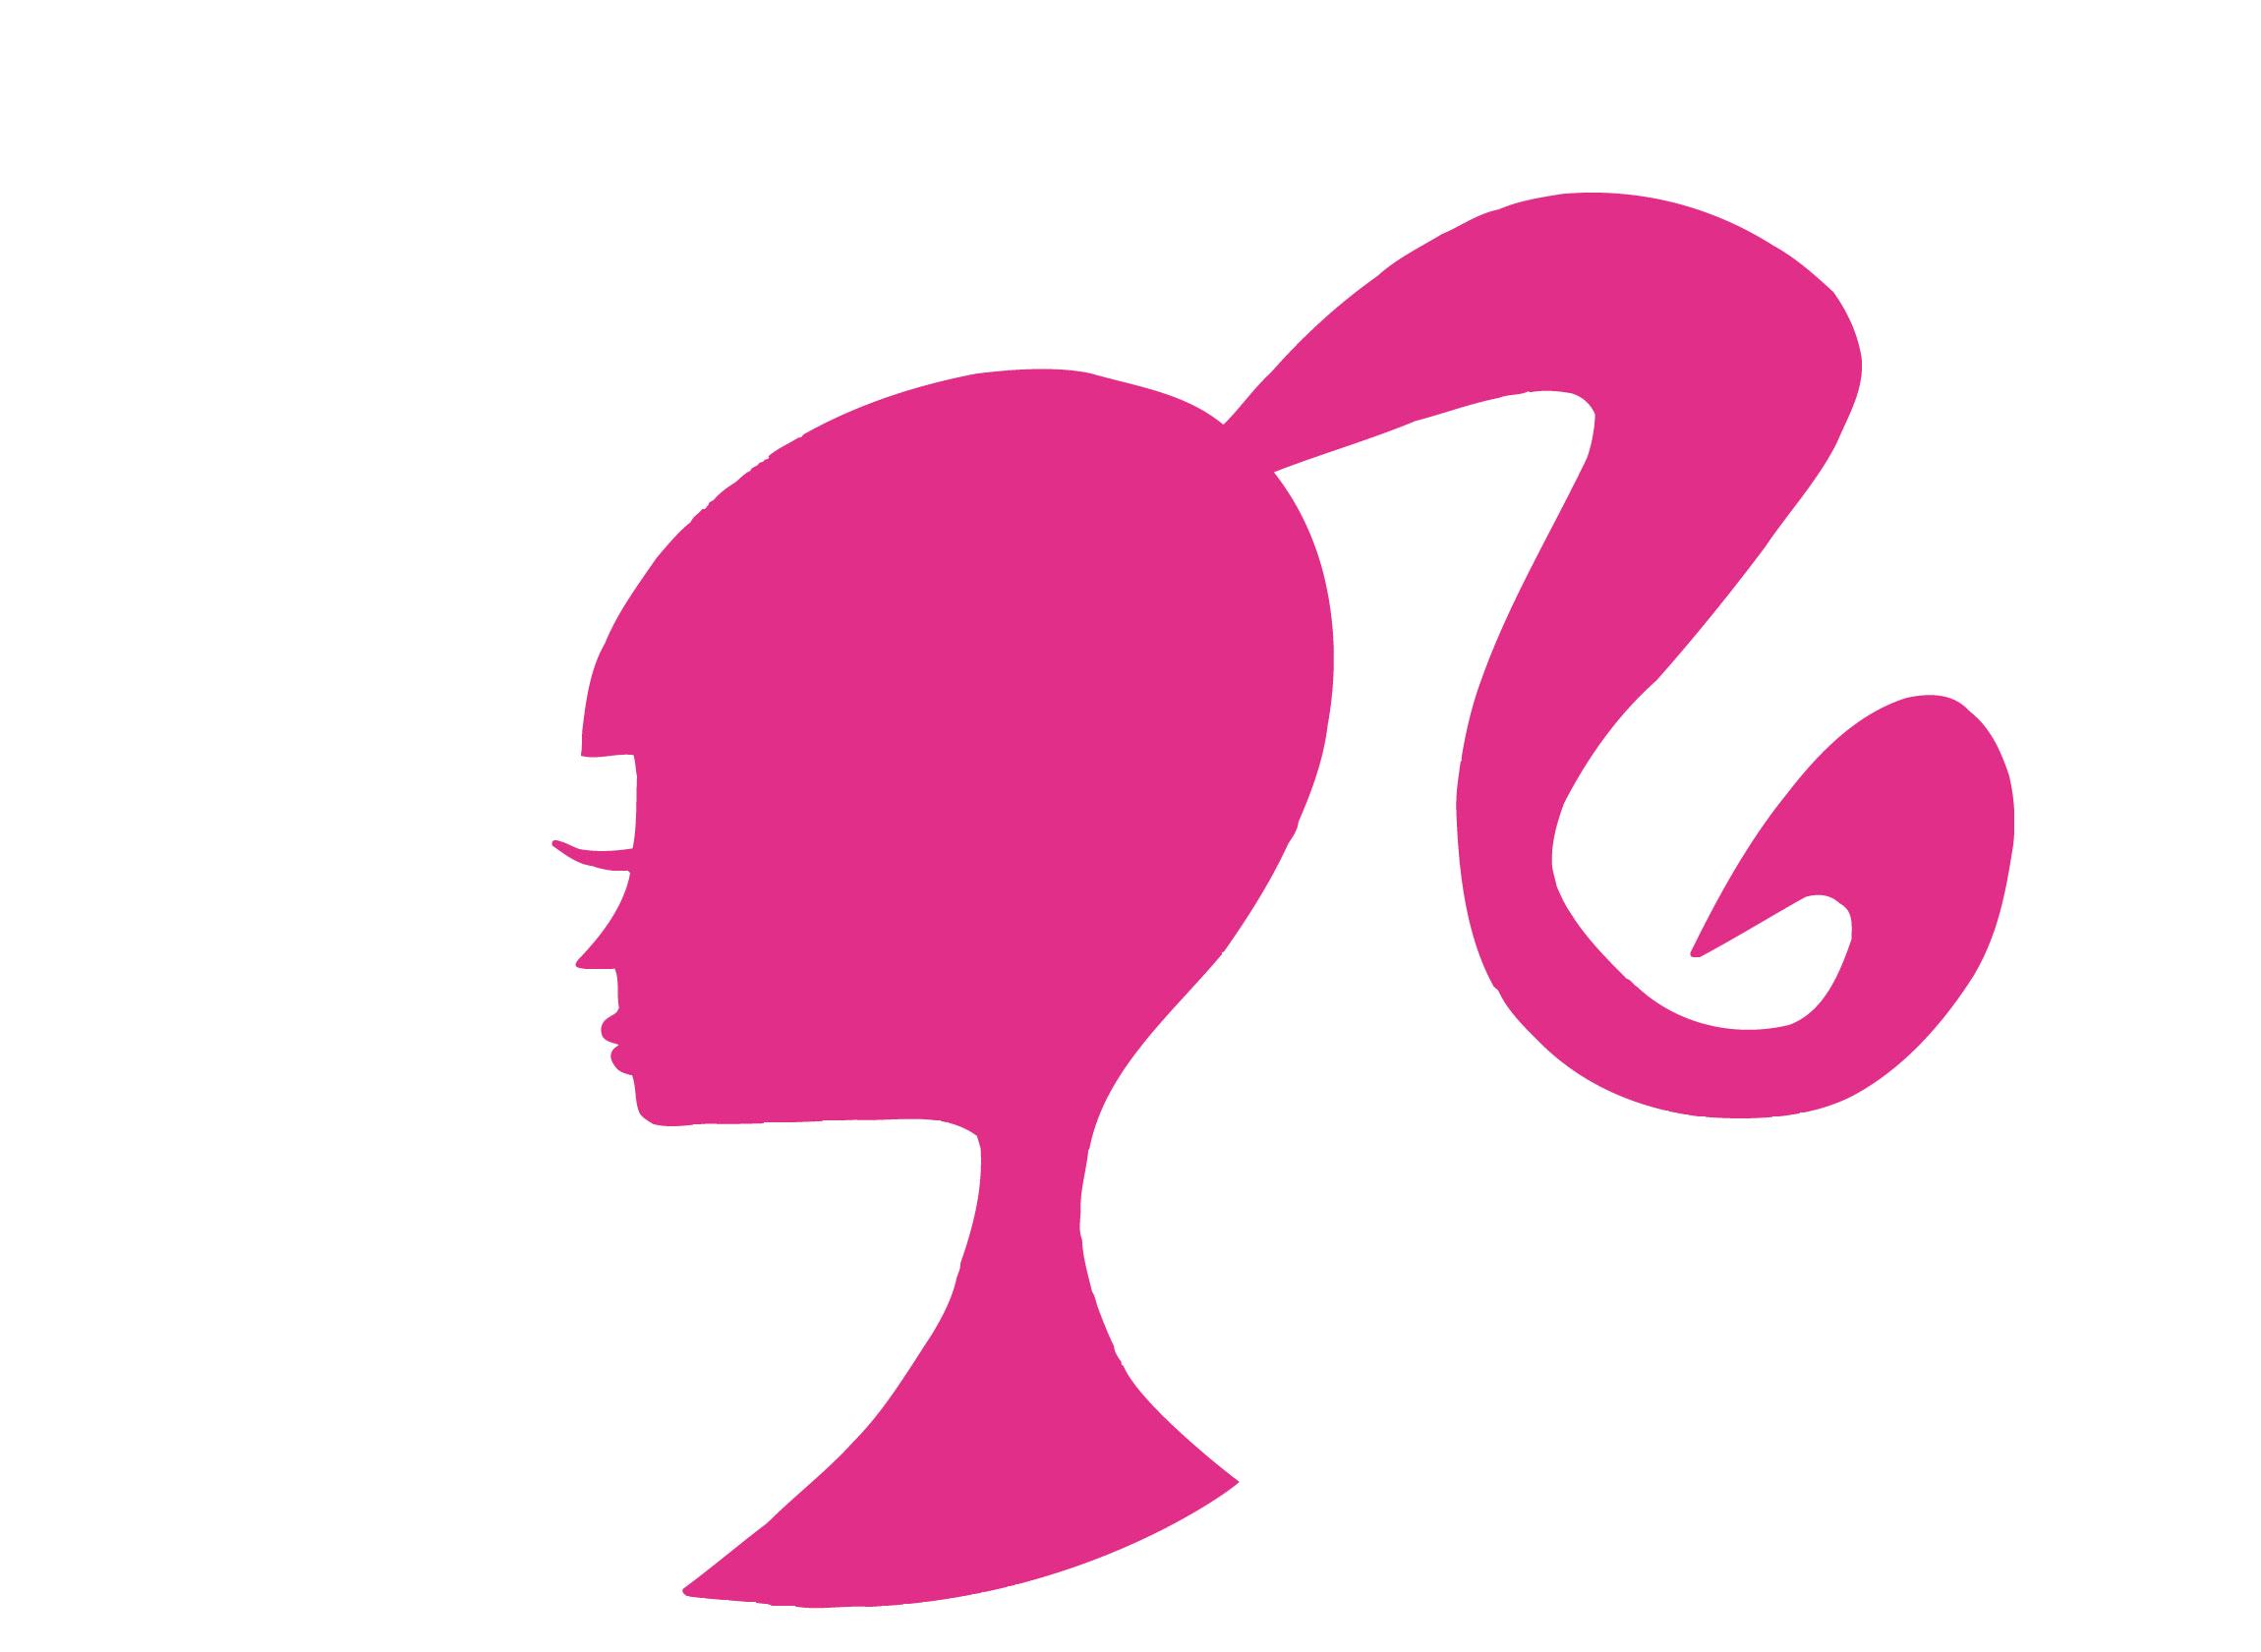 Barbie Png Buscar Con Google Papel De Parede Barbie Papel De Parede Wallpaper Ideias De Papel De Parede